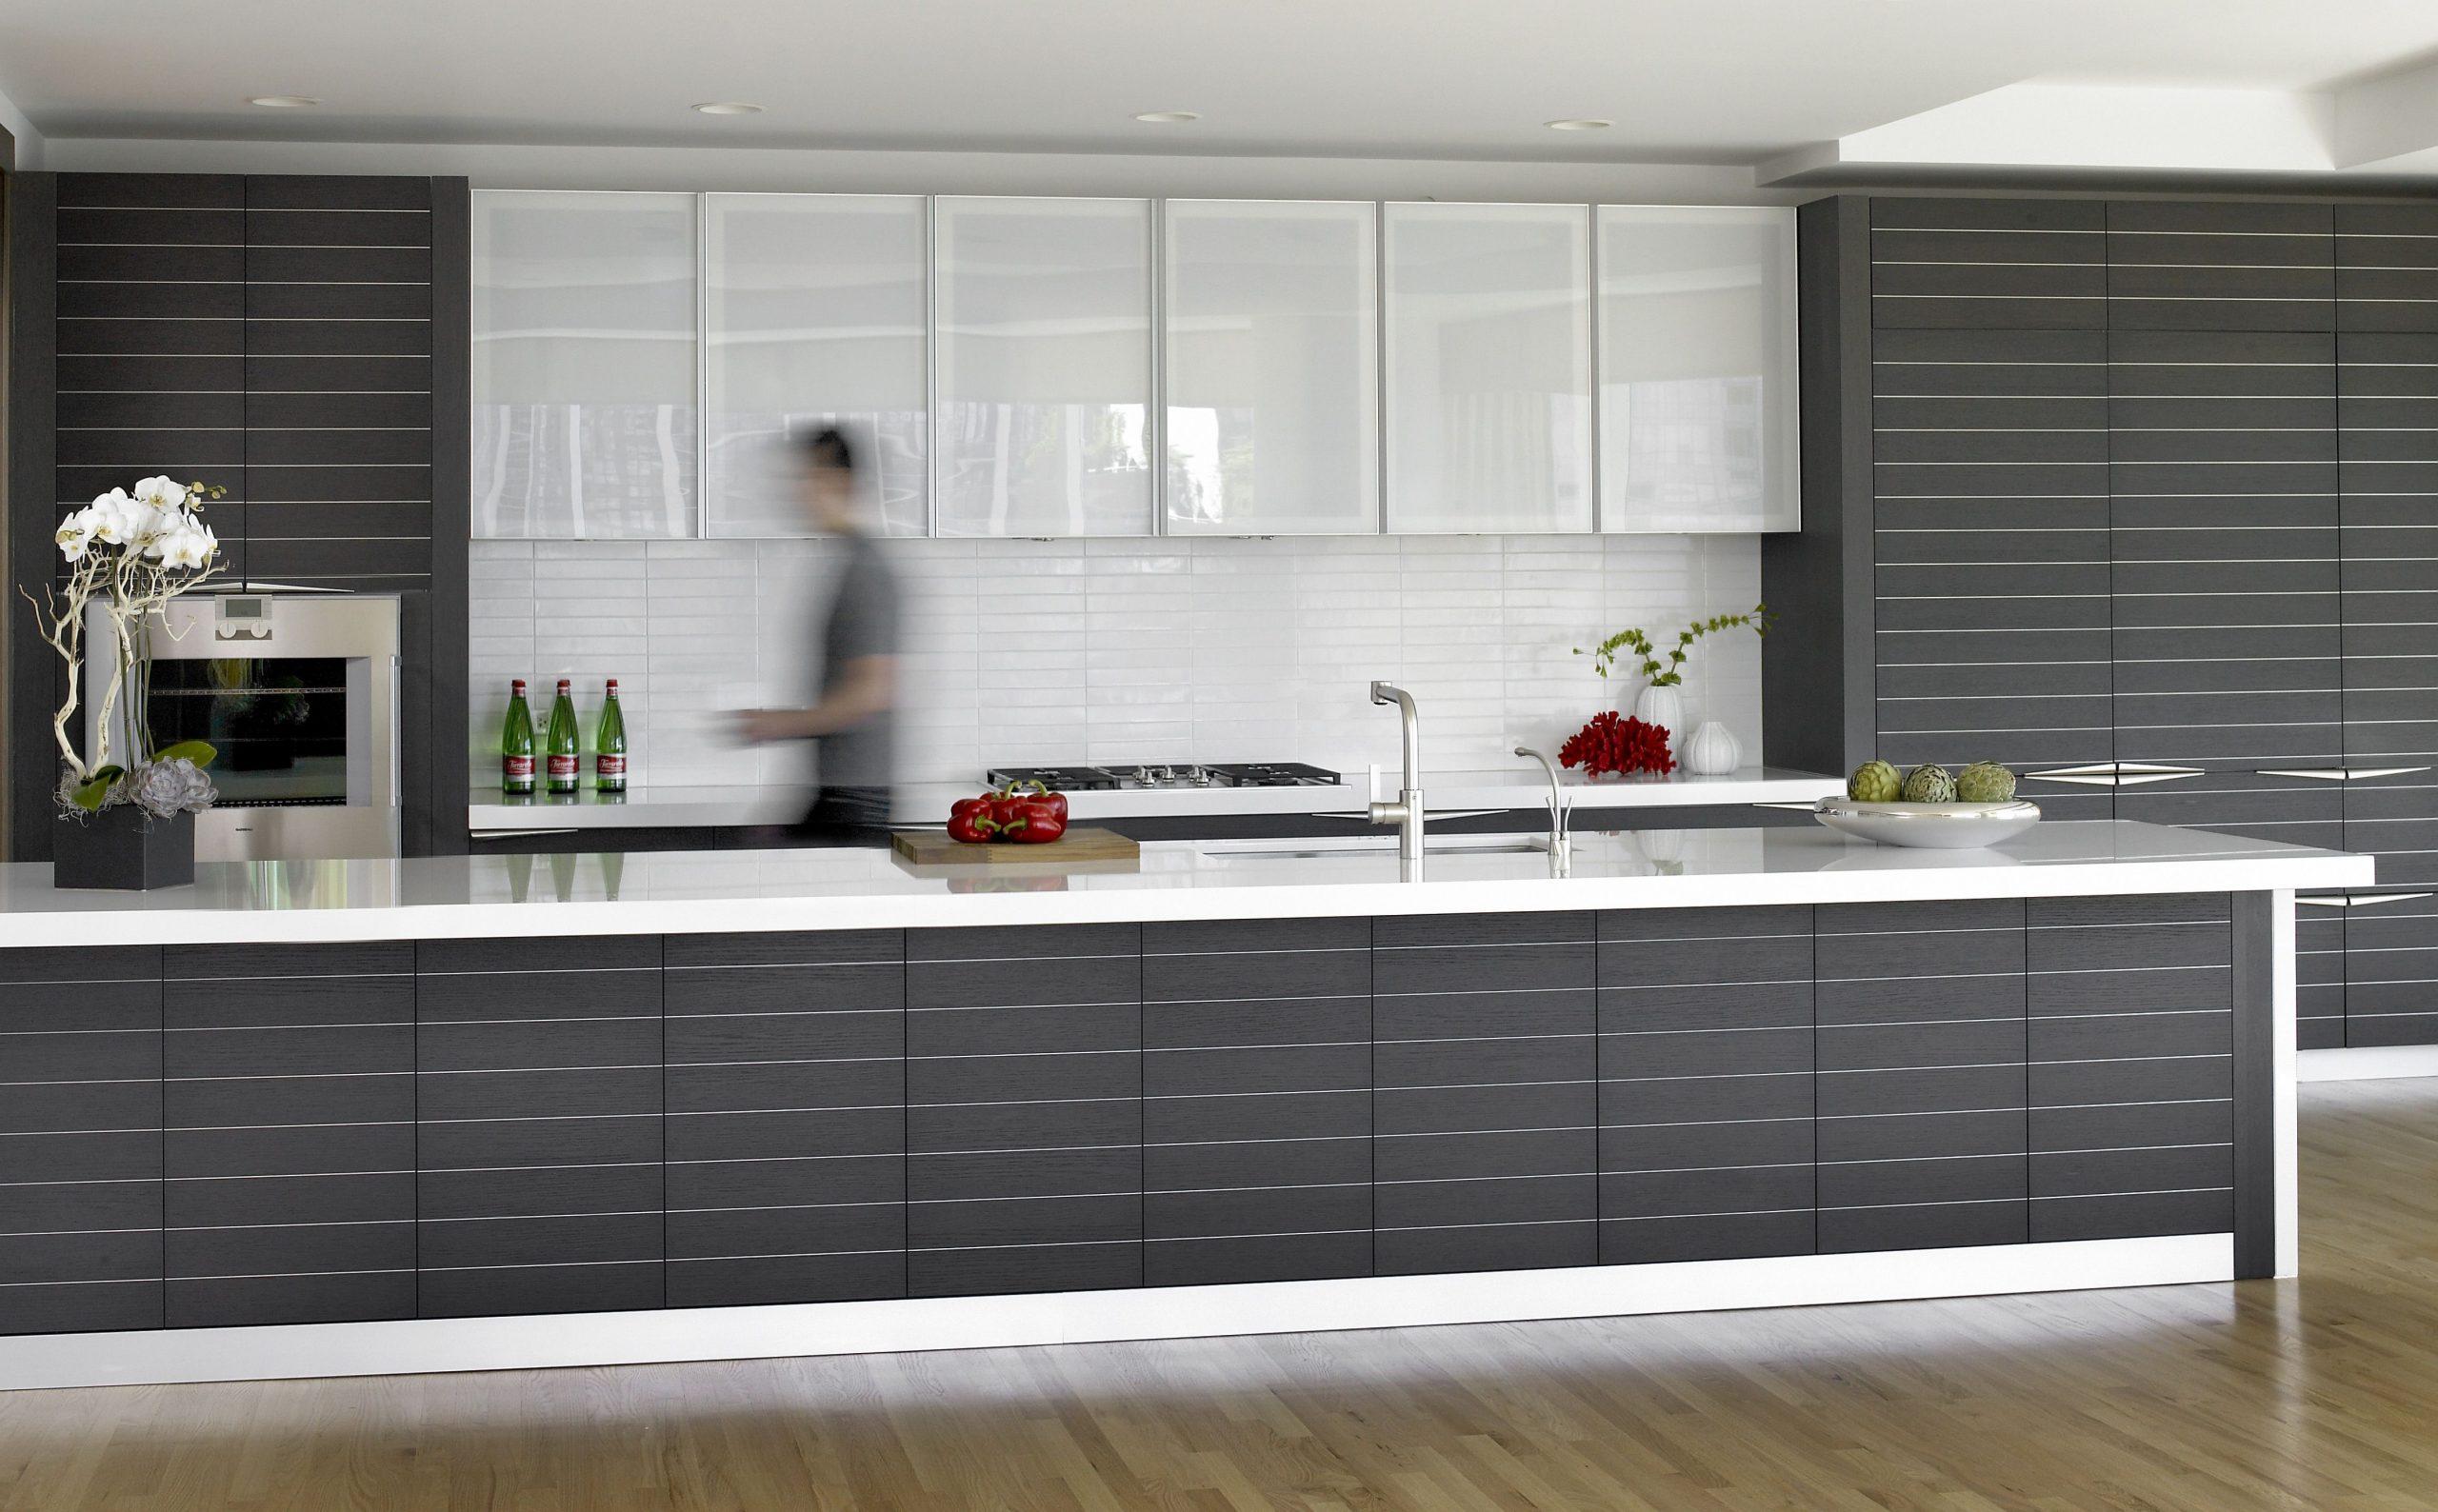 Downtown Chicago  European kitchen cabinets, Glass kitchen  - Italian Kitchen Cabinets In Chicago